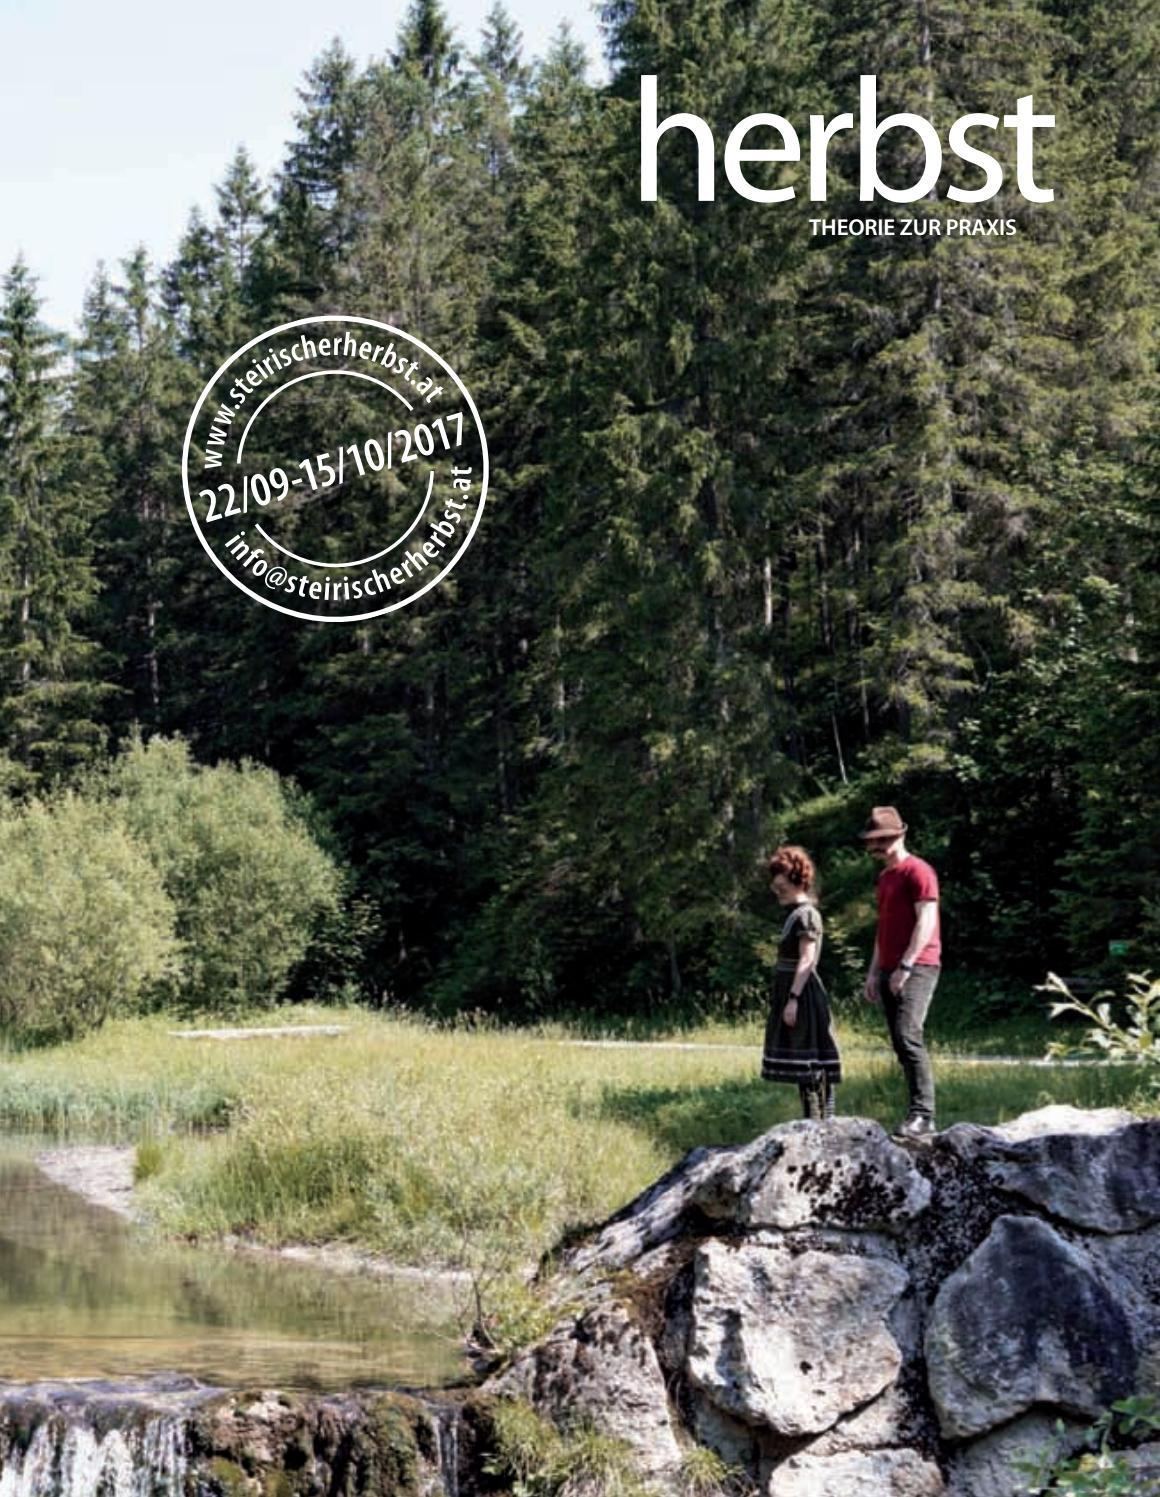 herbst. THEORIE ZUR PRAXIS 2017 by steirischer herbst - issuu